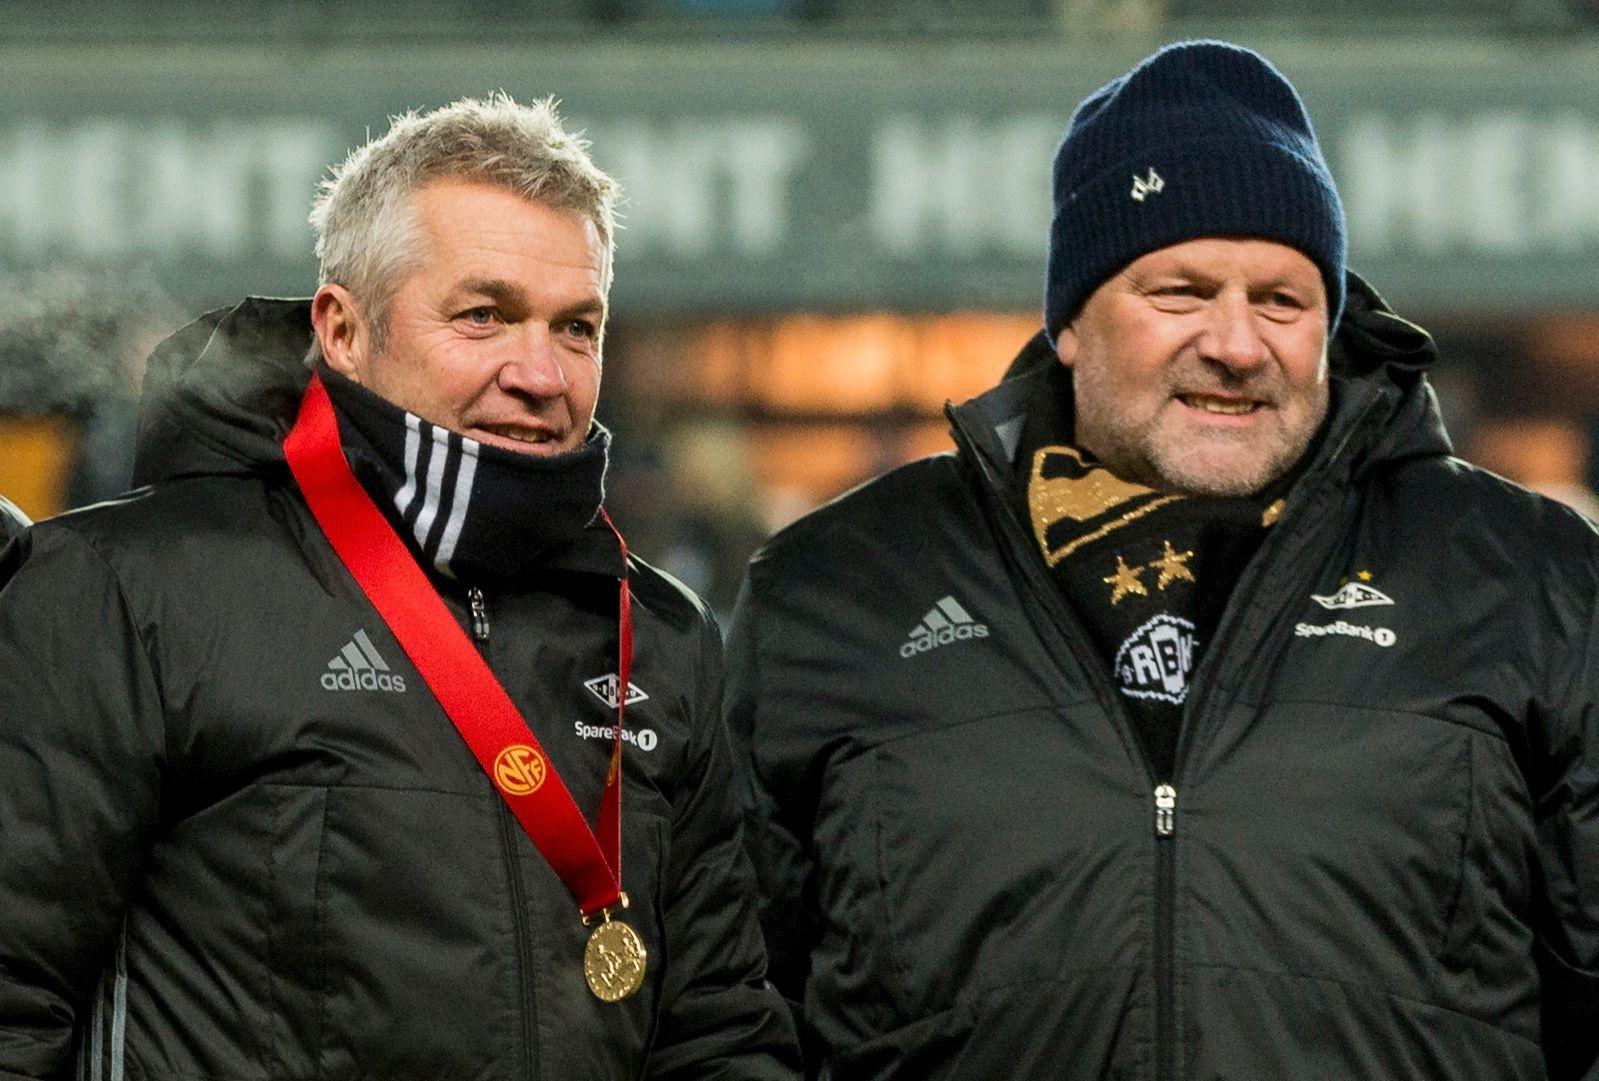 RBK-TOPPER I GULLRUS: Trener Kåre Ingebrigtsen sammen med styreleder Ivar Koteng, her fra seriekampen mot Bodø/Glimt i 2016 på Lerkendal.